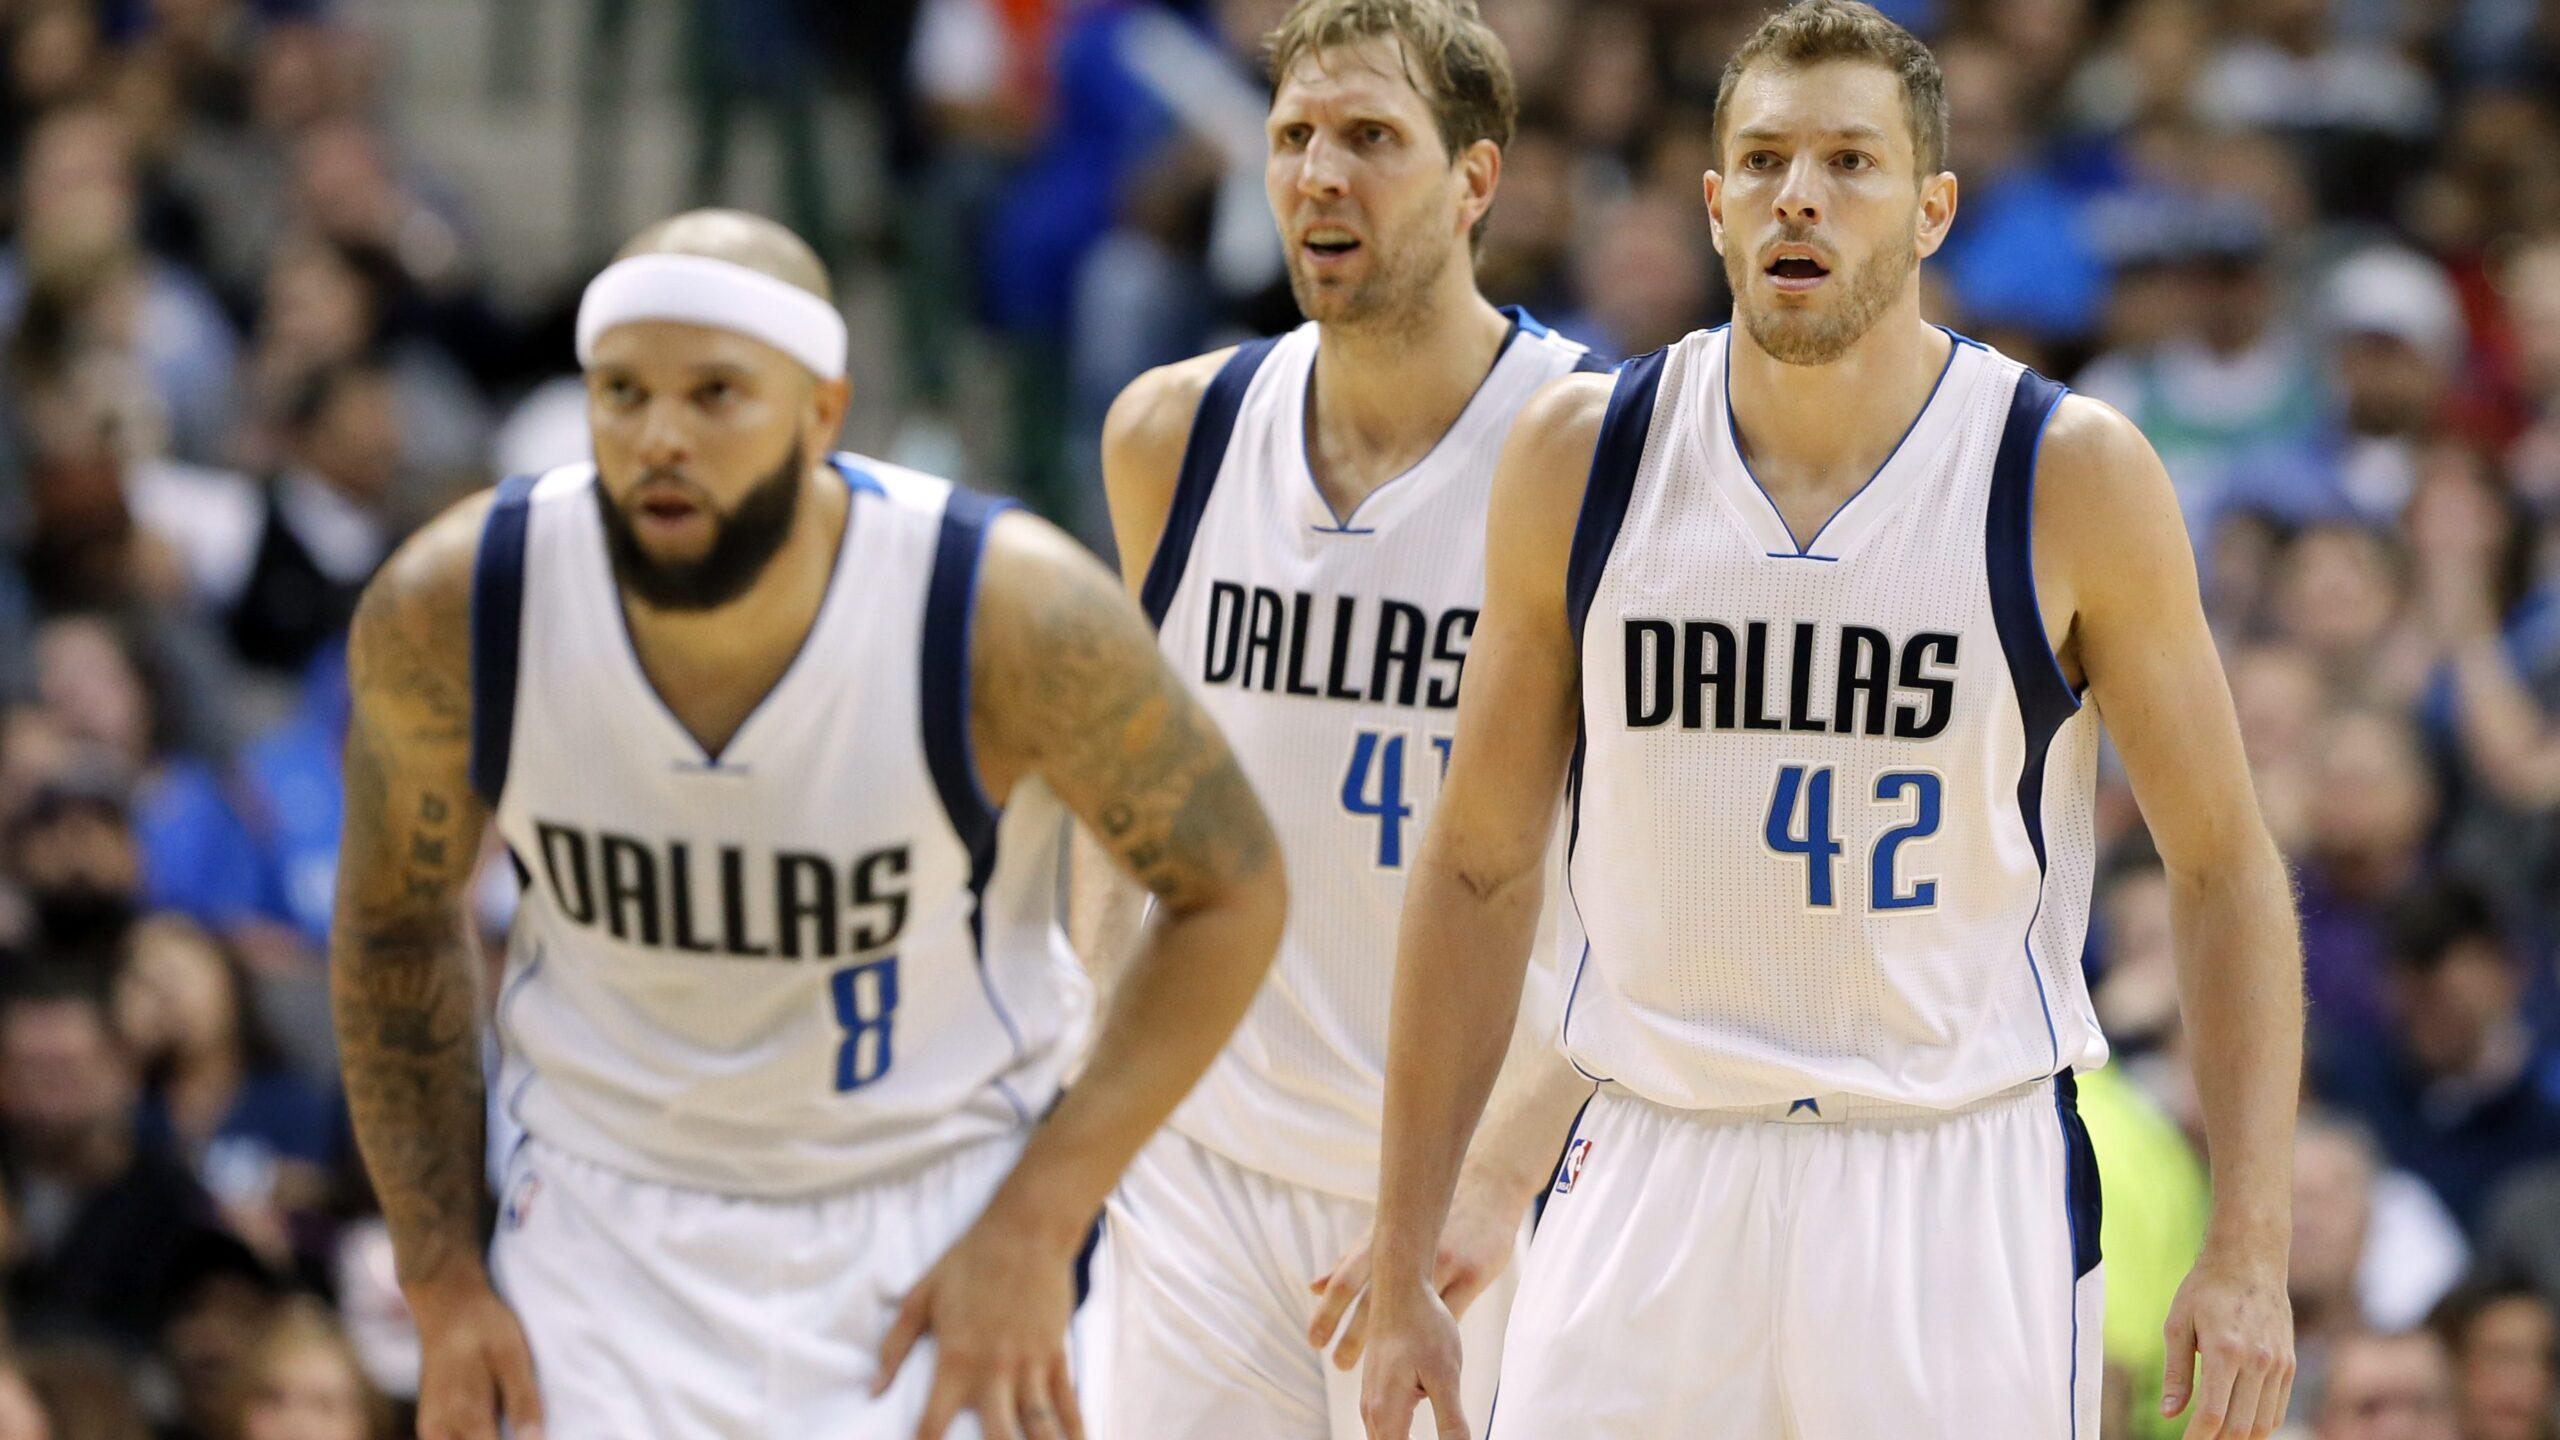 Deron Williams (#8) e David Lee (#42) sono arrivati a Dallas dopo un buyout